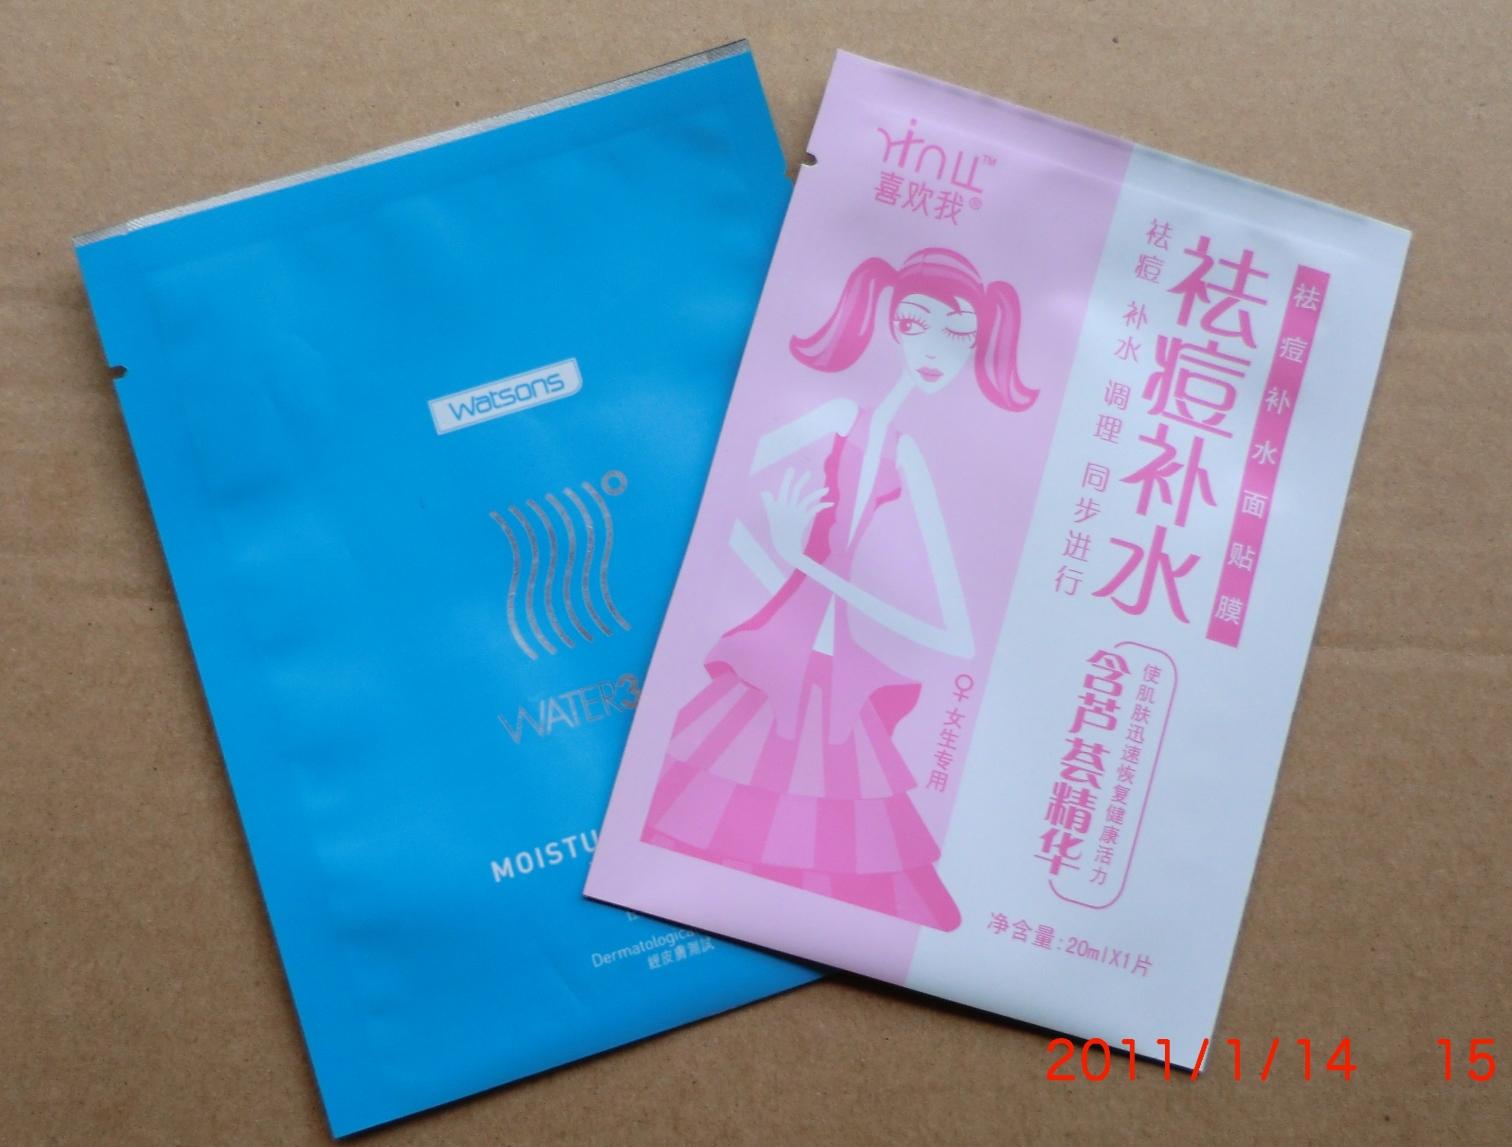 {荐}华轩胶袋厂价格合理的铝箔塑料袋供应_广东定制复合铝纸包装